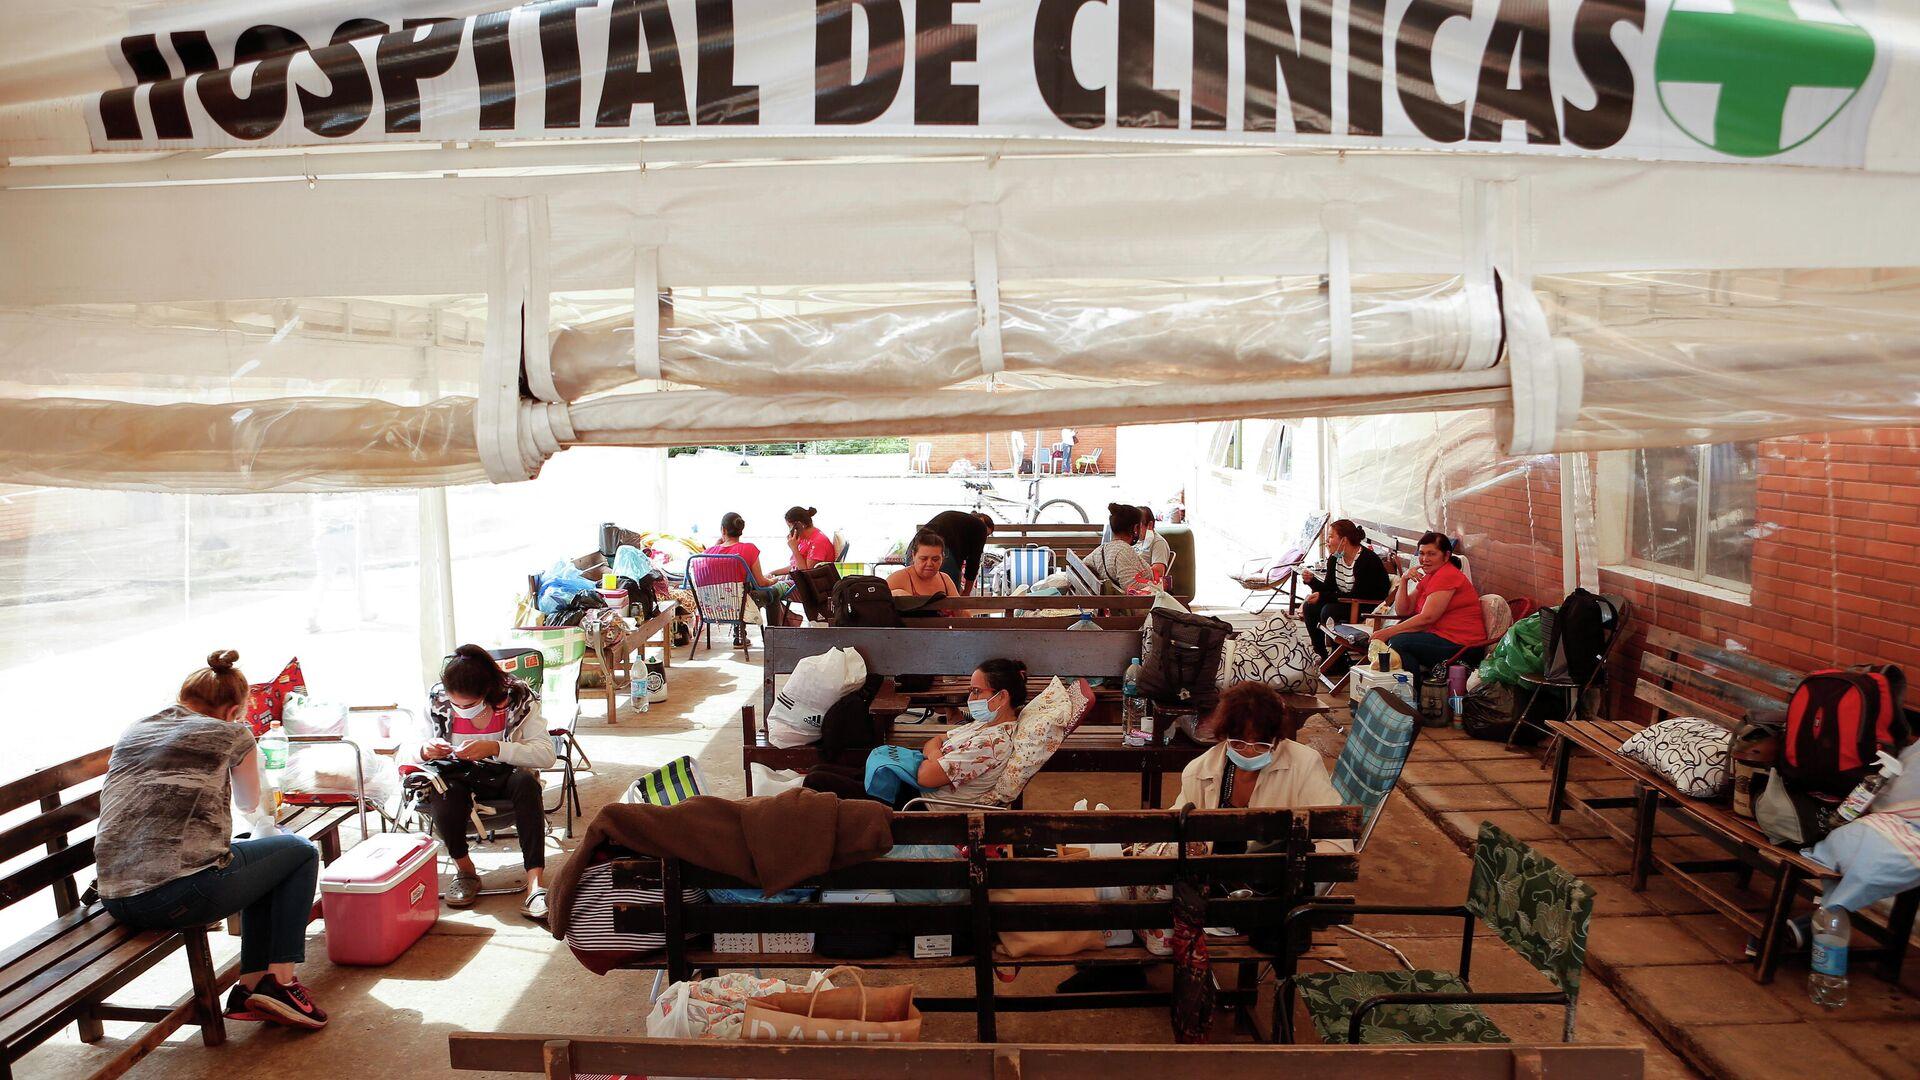 Pacientes con COVID-19 en el Hospital de Clinicas en San Lorenzo, Paraguay - Sputnik Mundo, 1920, 11.03.2021